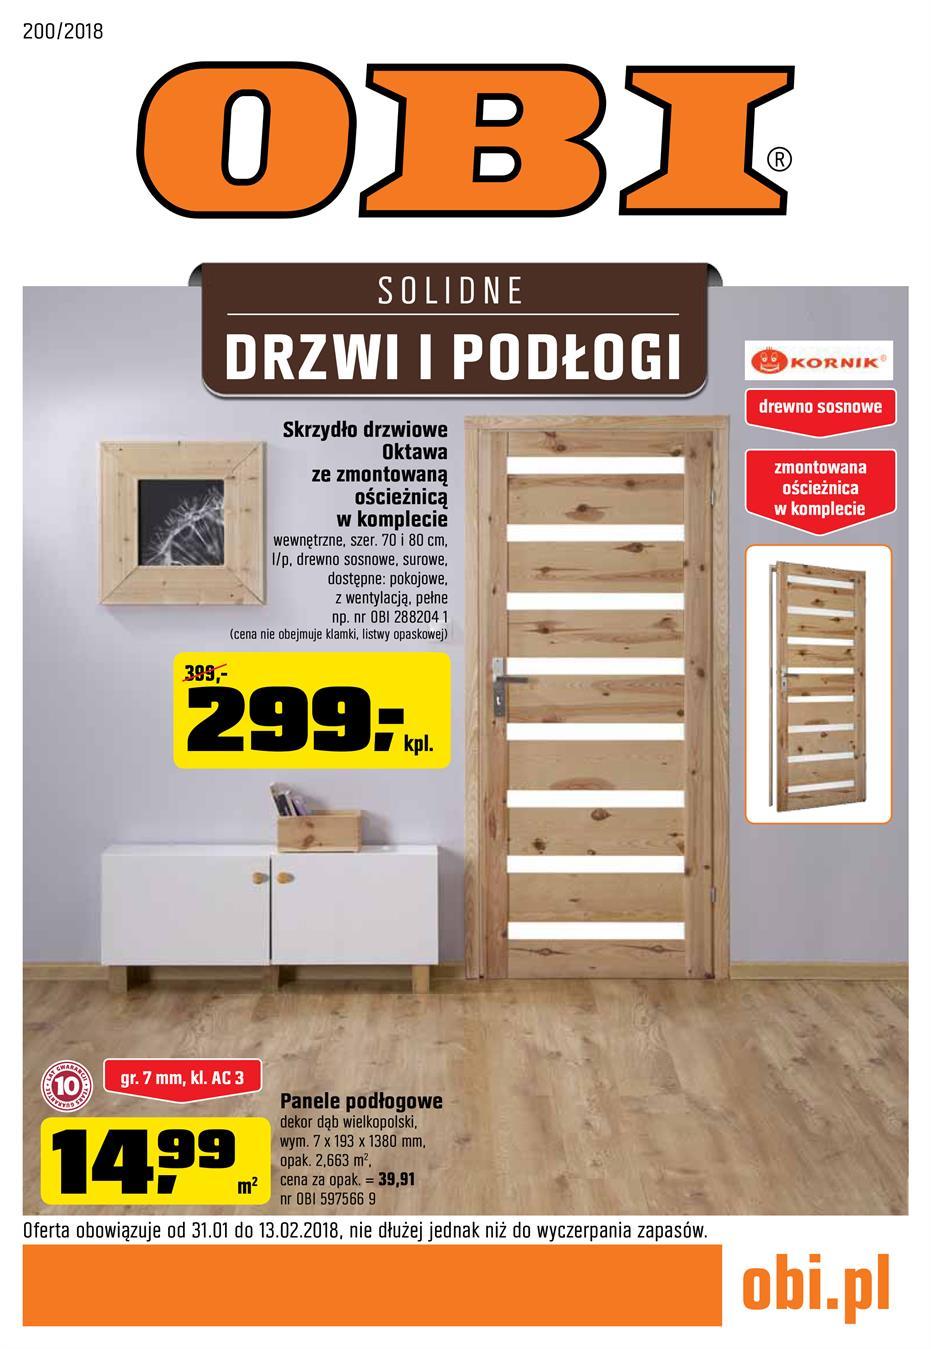 Gazetka Promocyjna Obipl Solidne Drzwi I Podłogi